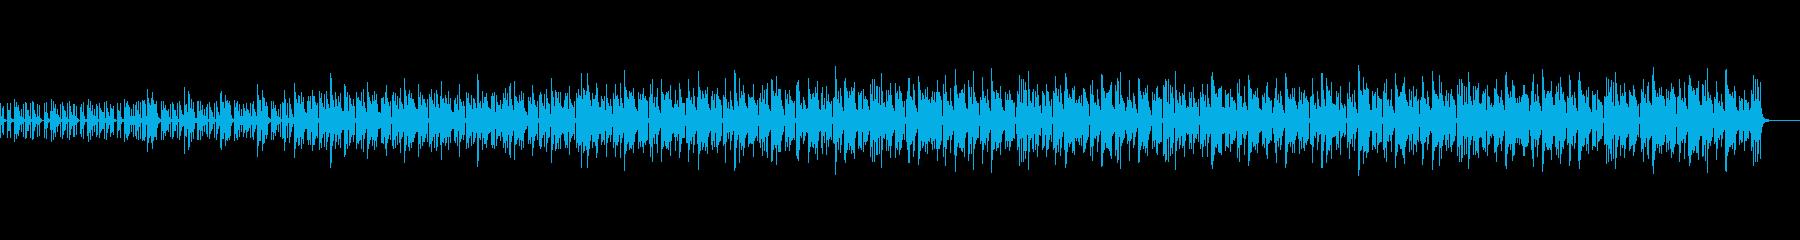 メロディにピアノやアコギを使用したサンバの再生済みの波形